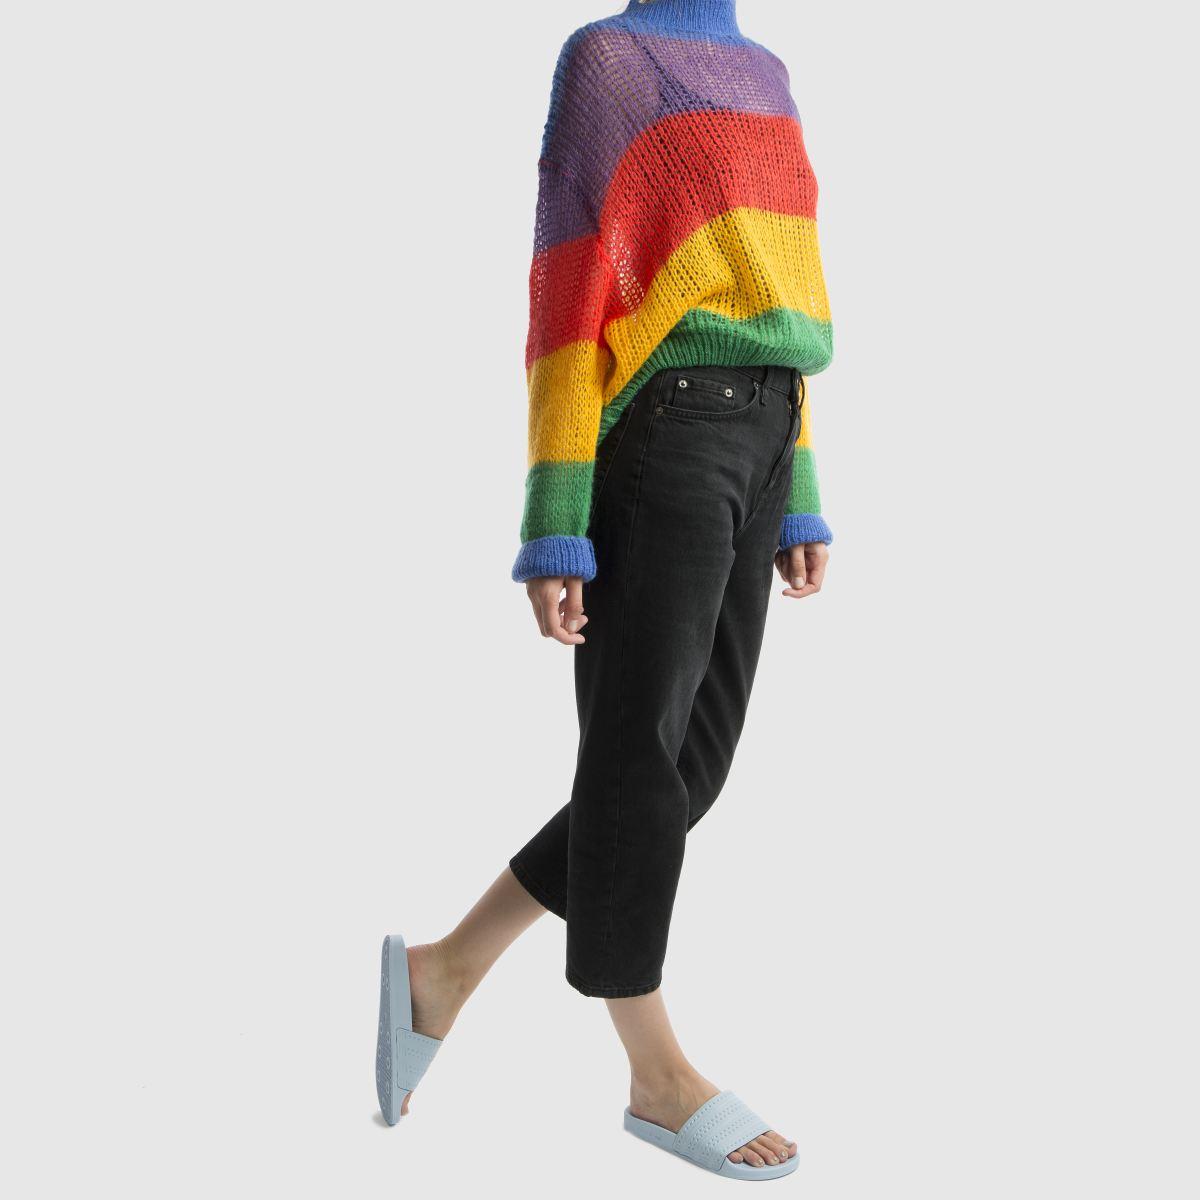 Damen Hellblau adidas Adilette Slide Sandalen | schuh Gute Qualität beliebte Schuhe